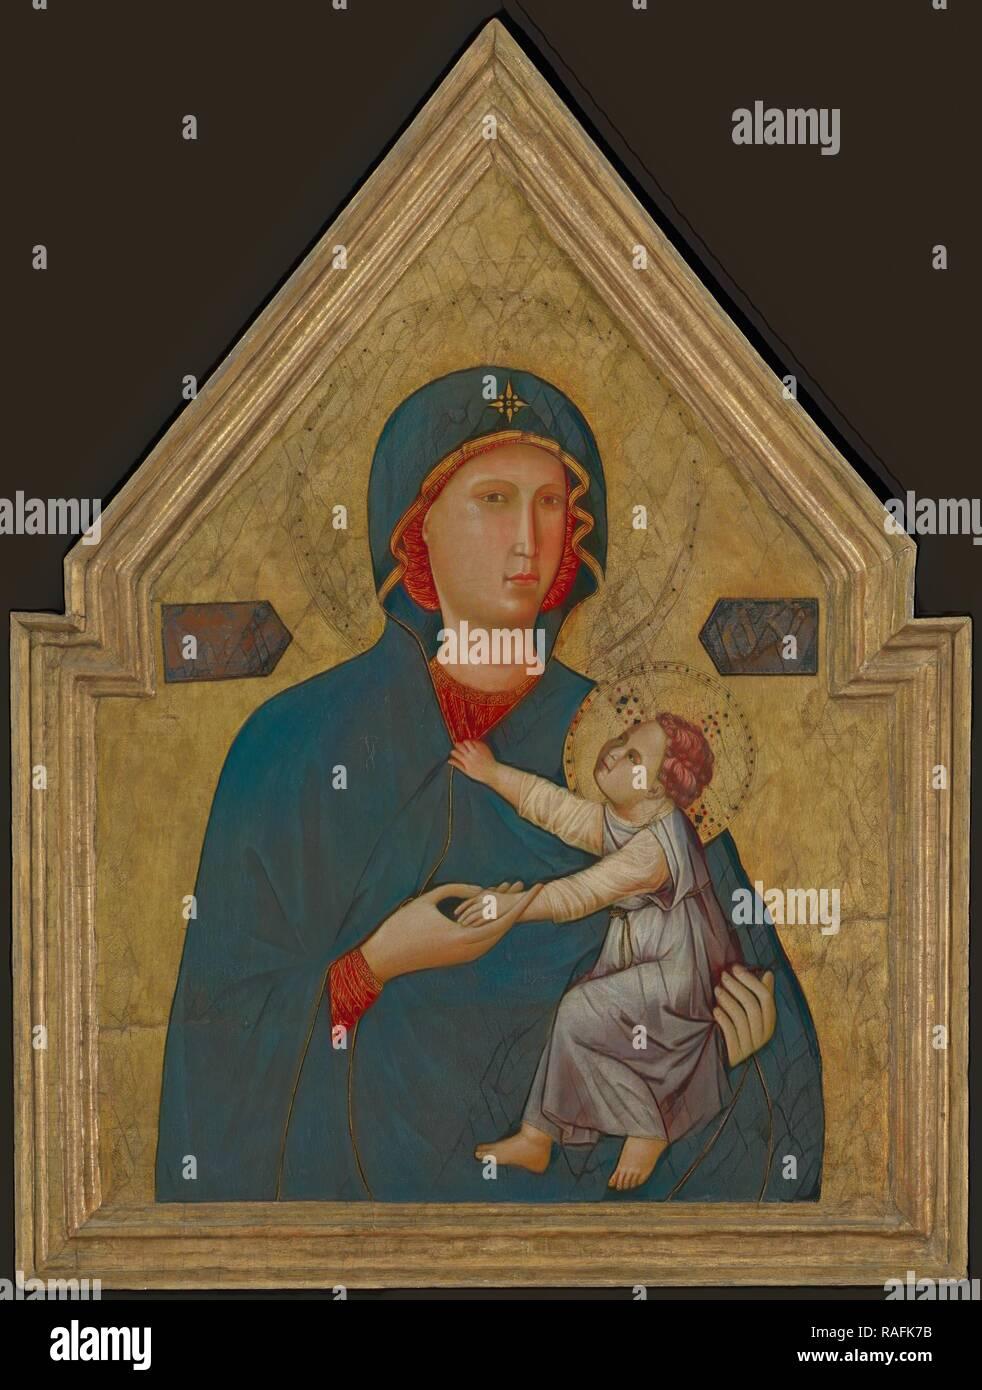 La Virgen y el Niño, maestro de Santa Cecilia (Italiano, activo alrededor de 1290 - 1320), 1290-1295, Temple y hoja de oro sobre reinventado Foto de stock